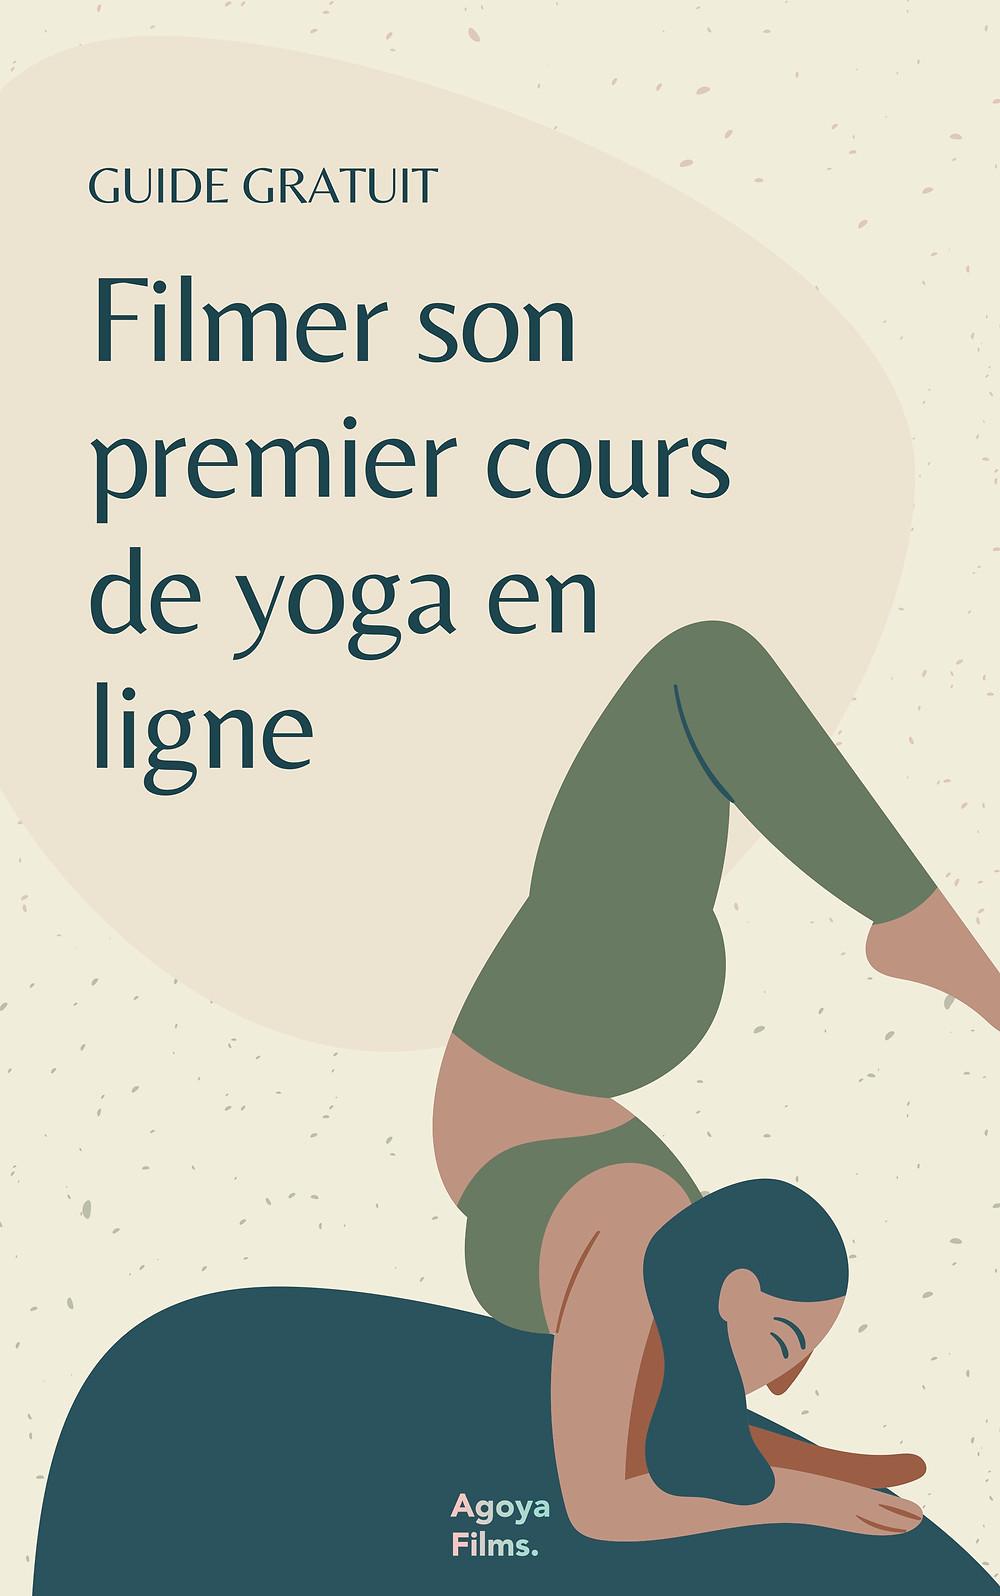 Guide Pdf - Filmer son premier cours de yoga en ligne